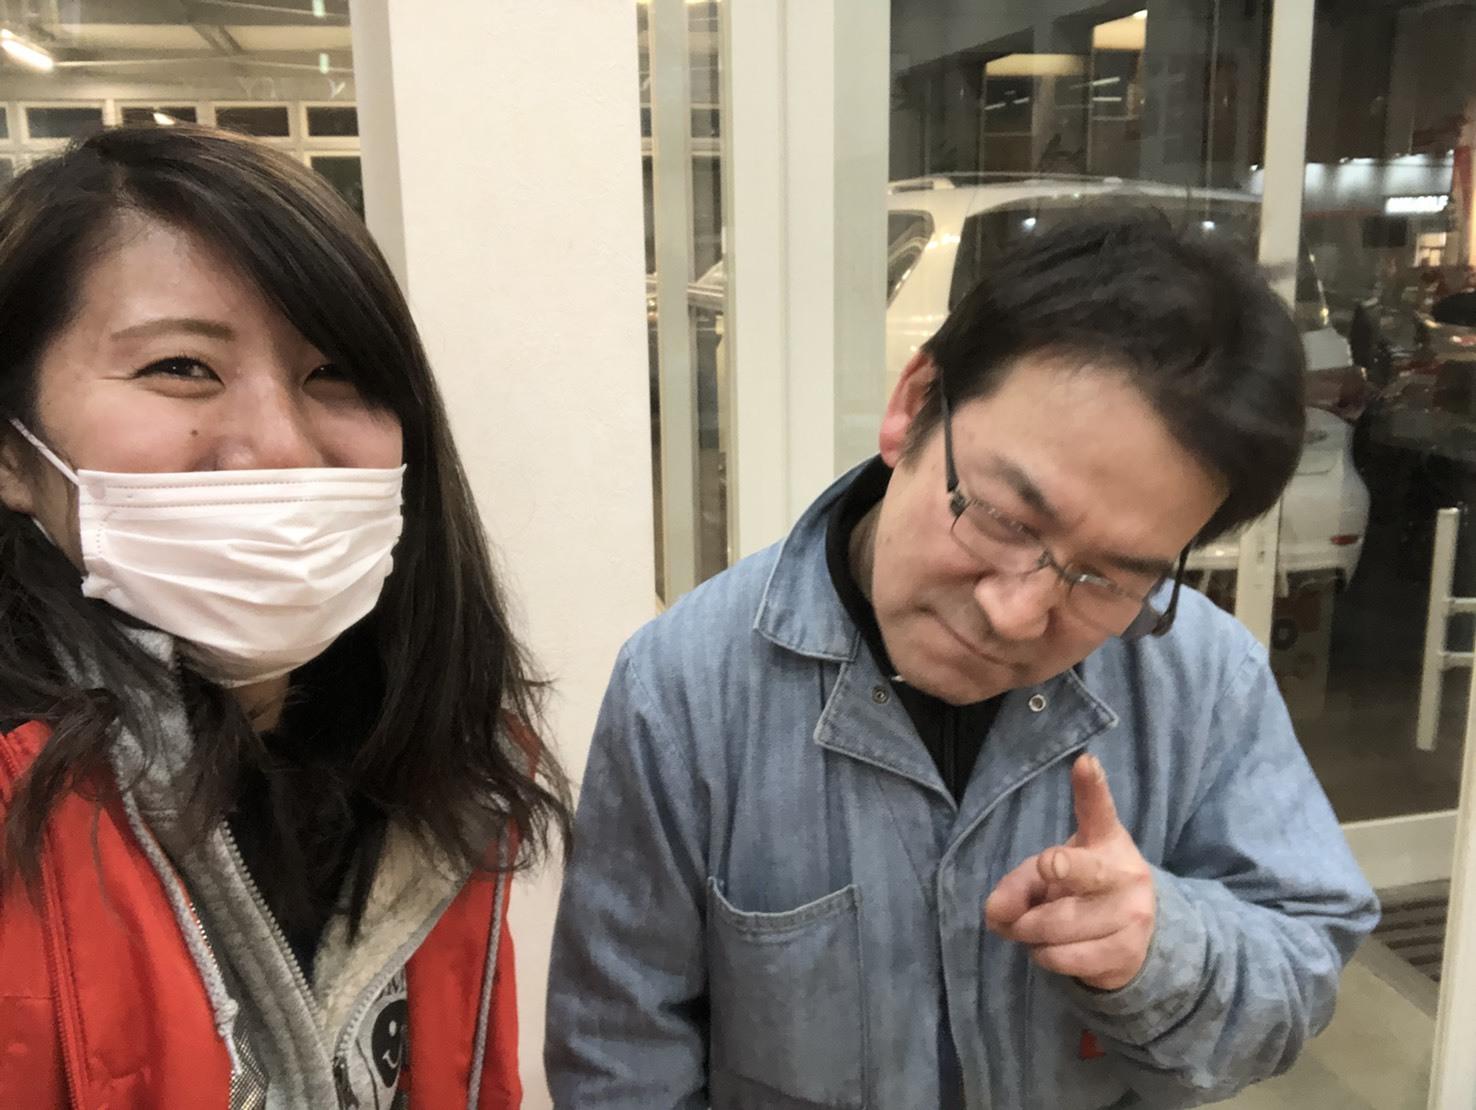 3月29日(金)本店ブログ☆カマロあります(゜゜)*レクサス ハマー ランクル 多数取り扱い☆ローンサポート_b0127002_17380085.jpg